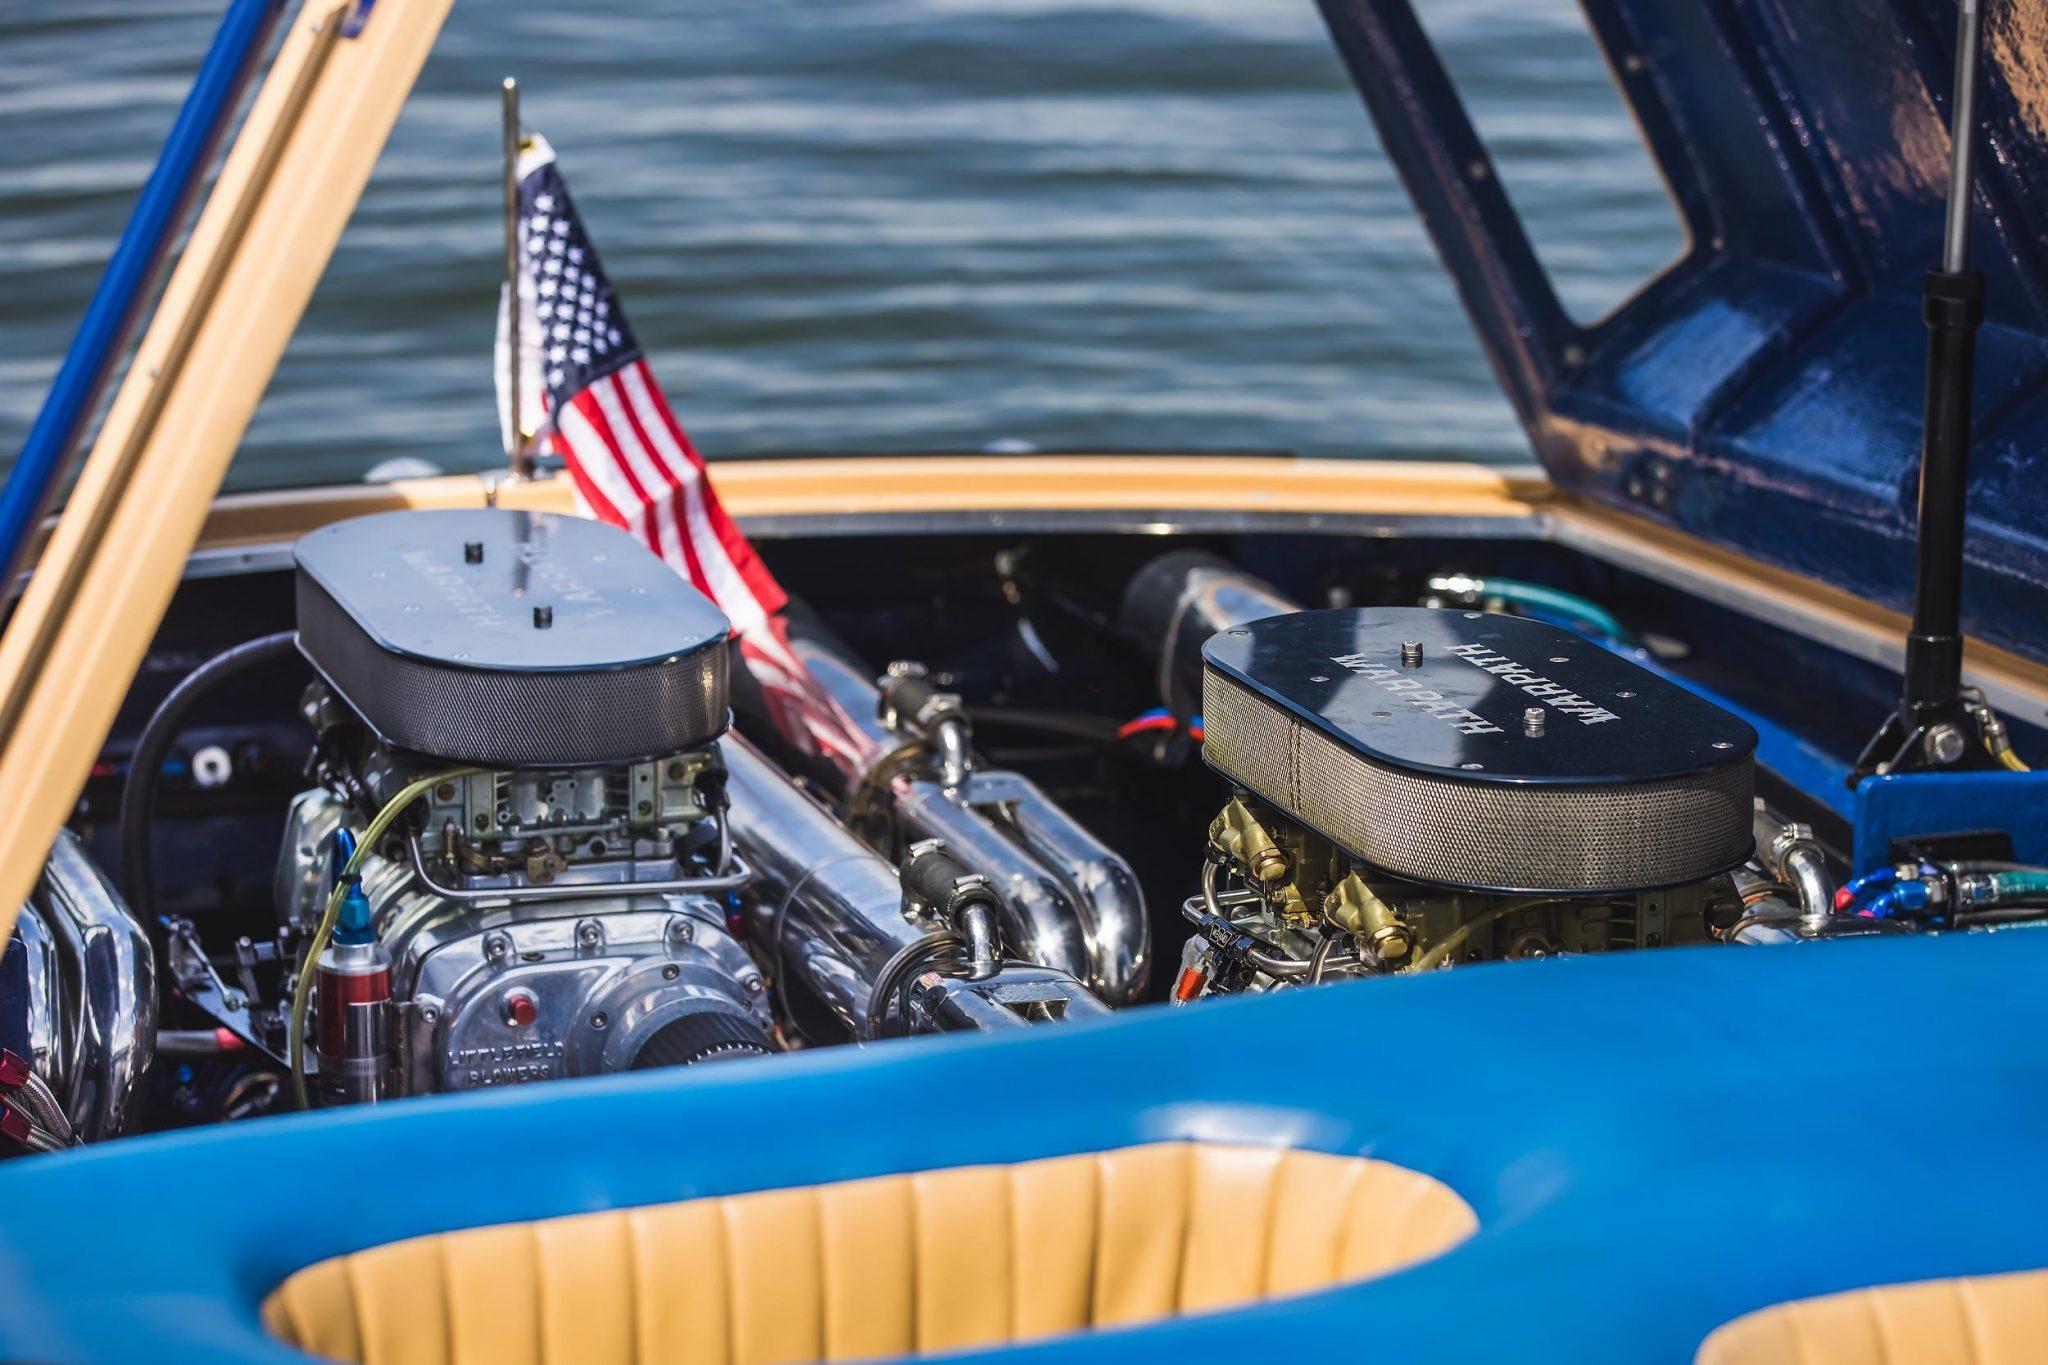 1984 Apache Offshore Powerboat Warpath engine